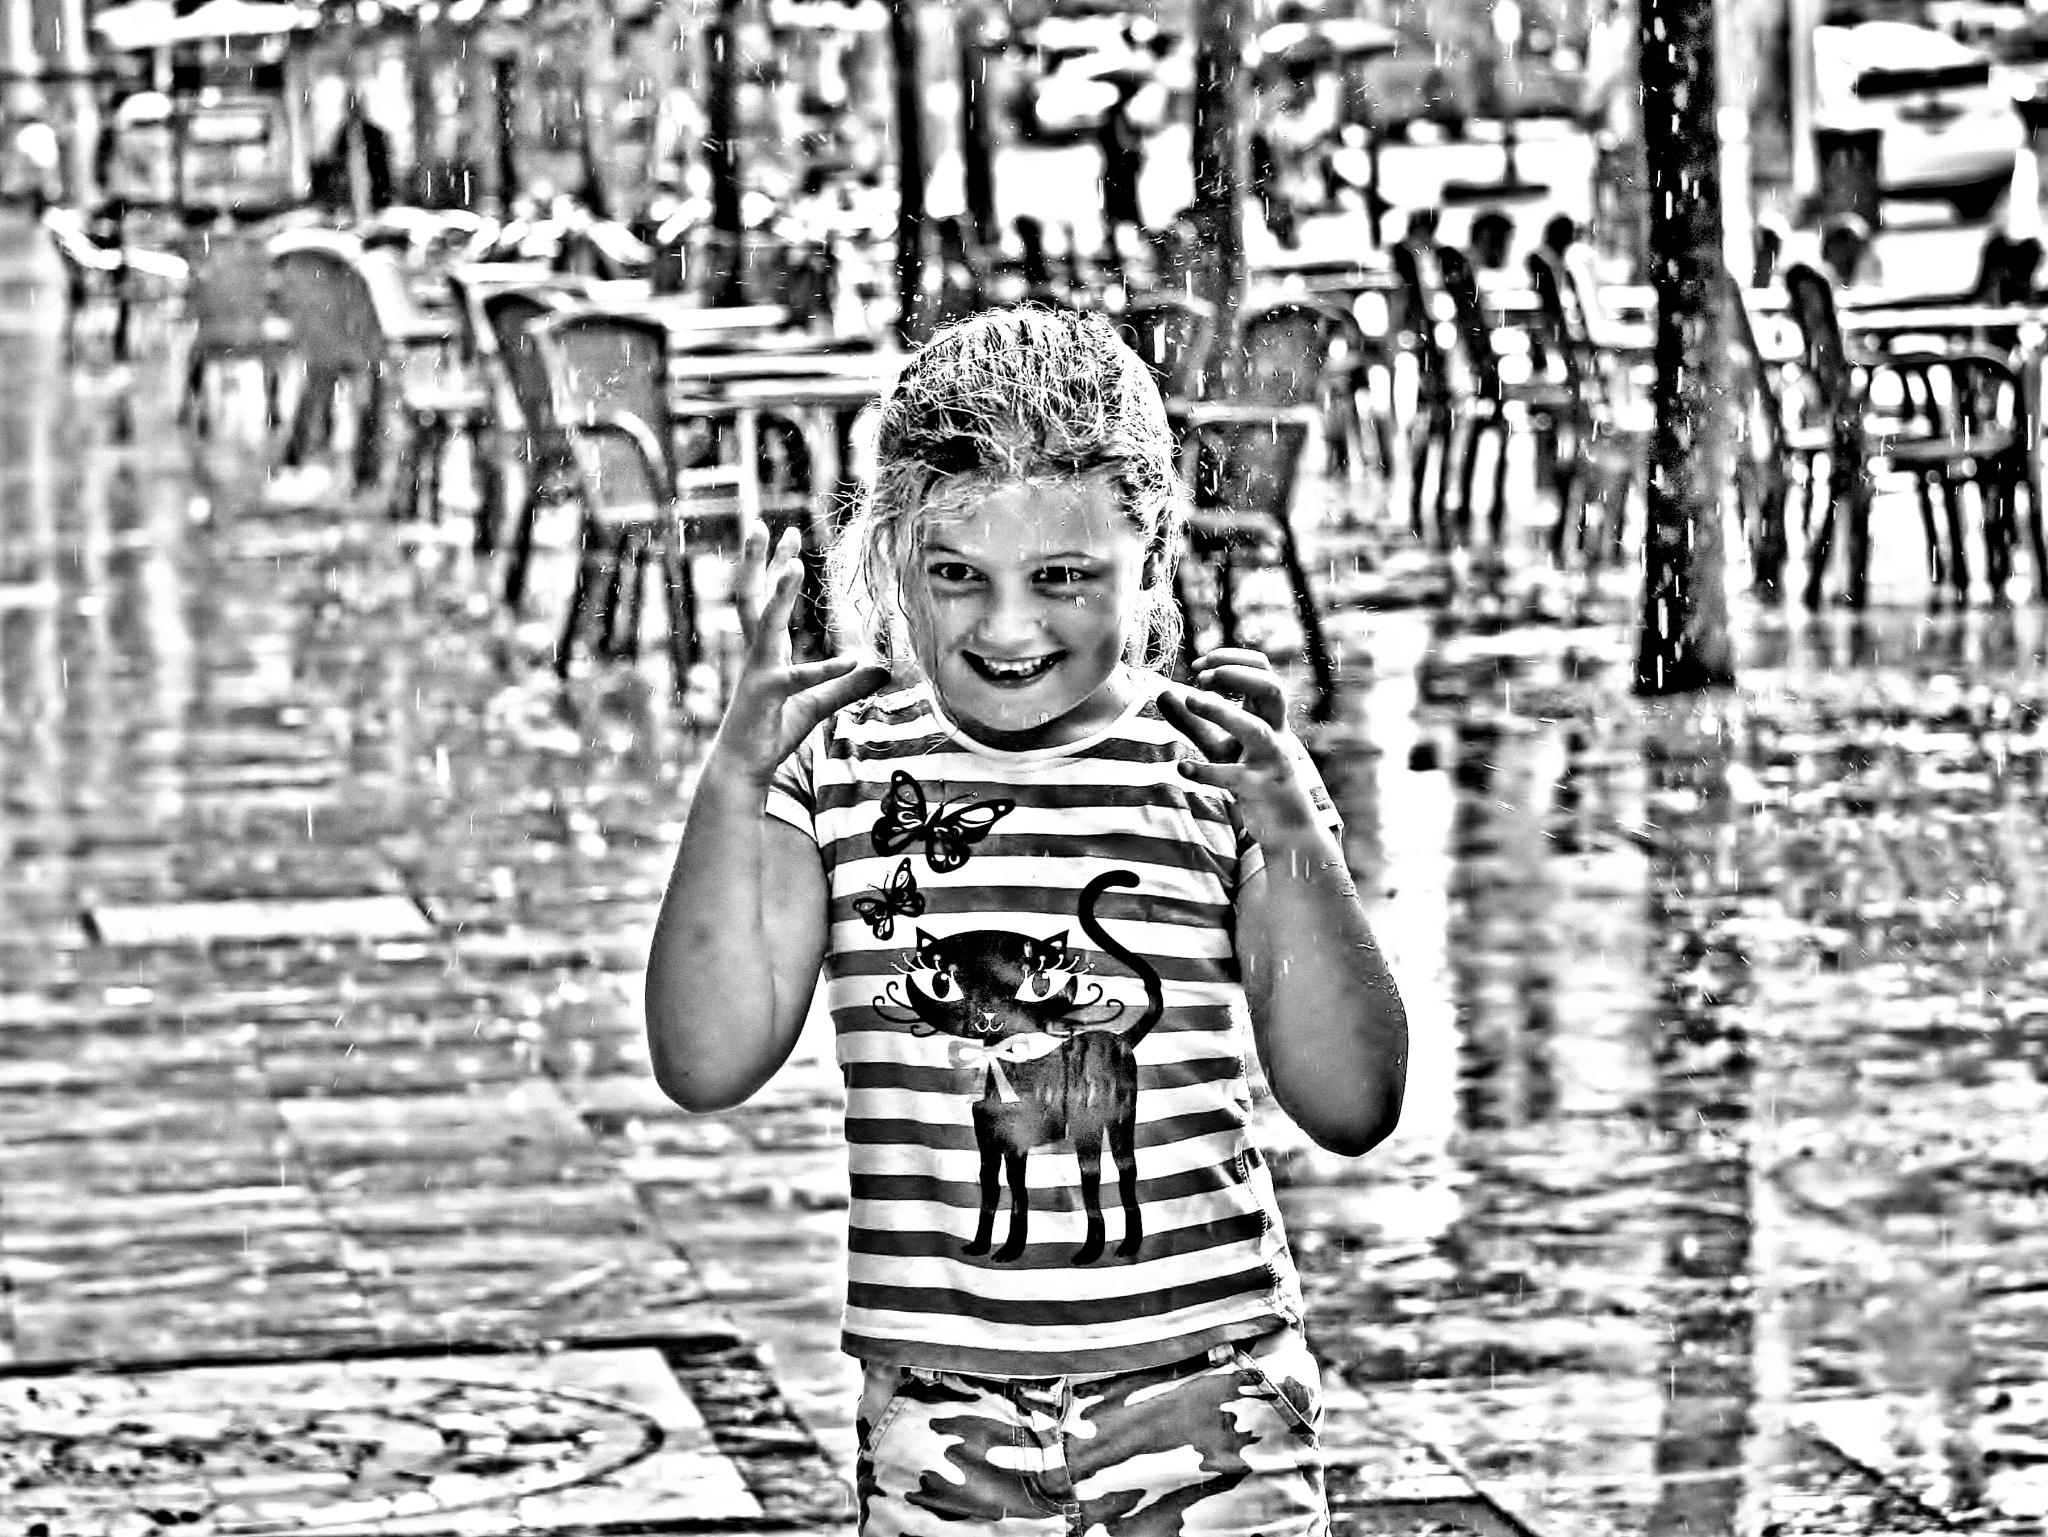 Girl In The Rain - Monochrome by paul.hosker